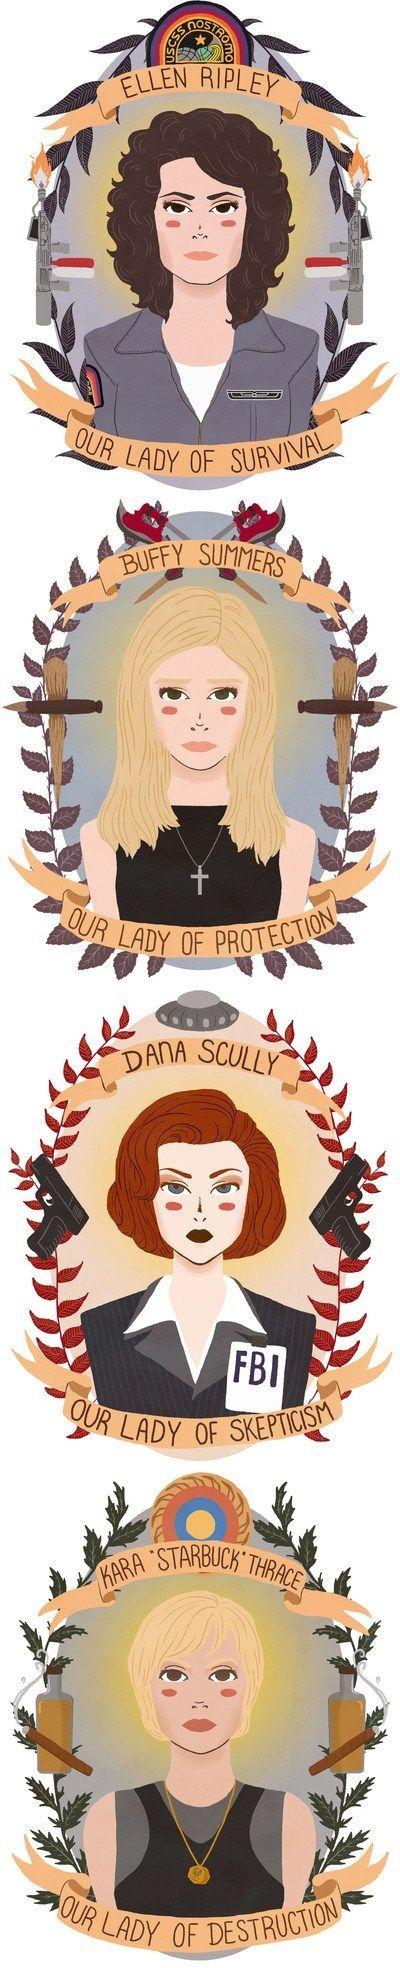 Guild of Saint Luke